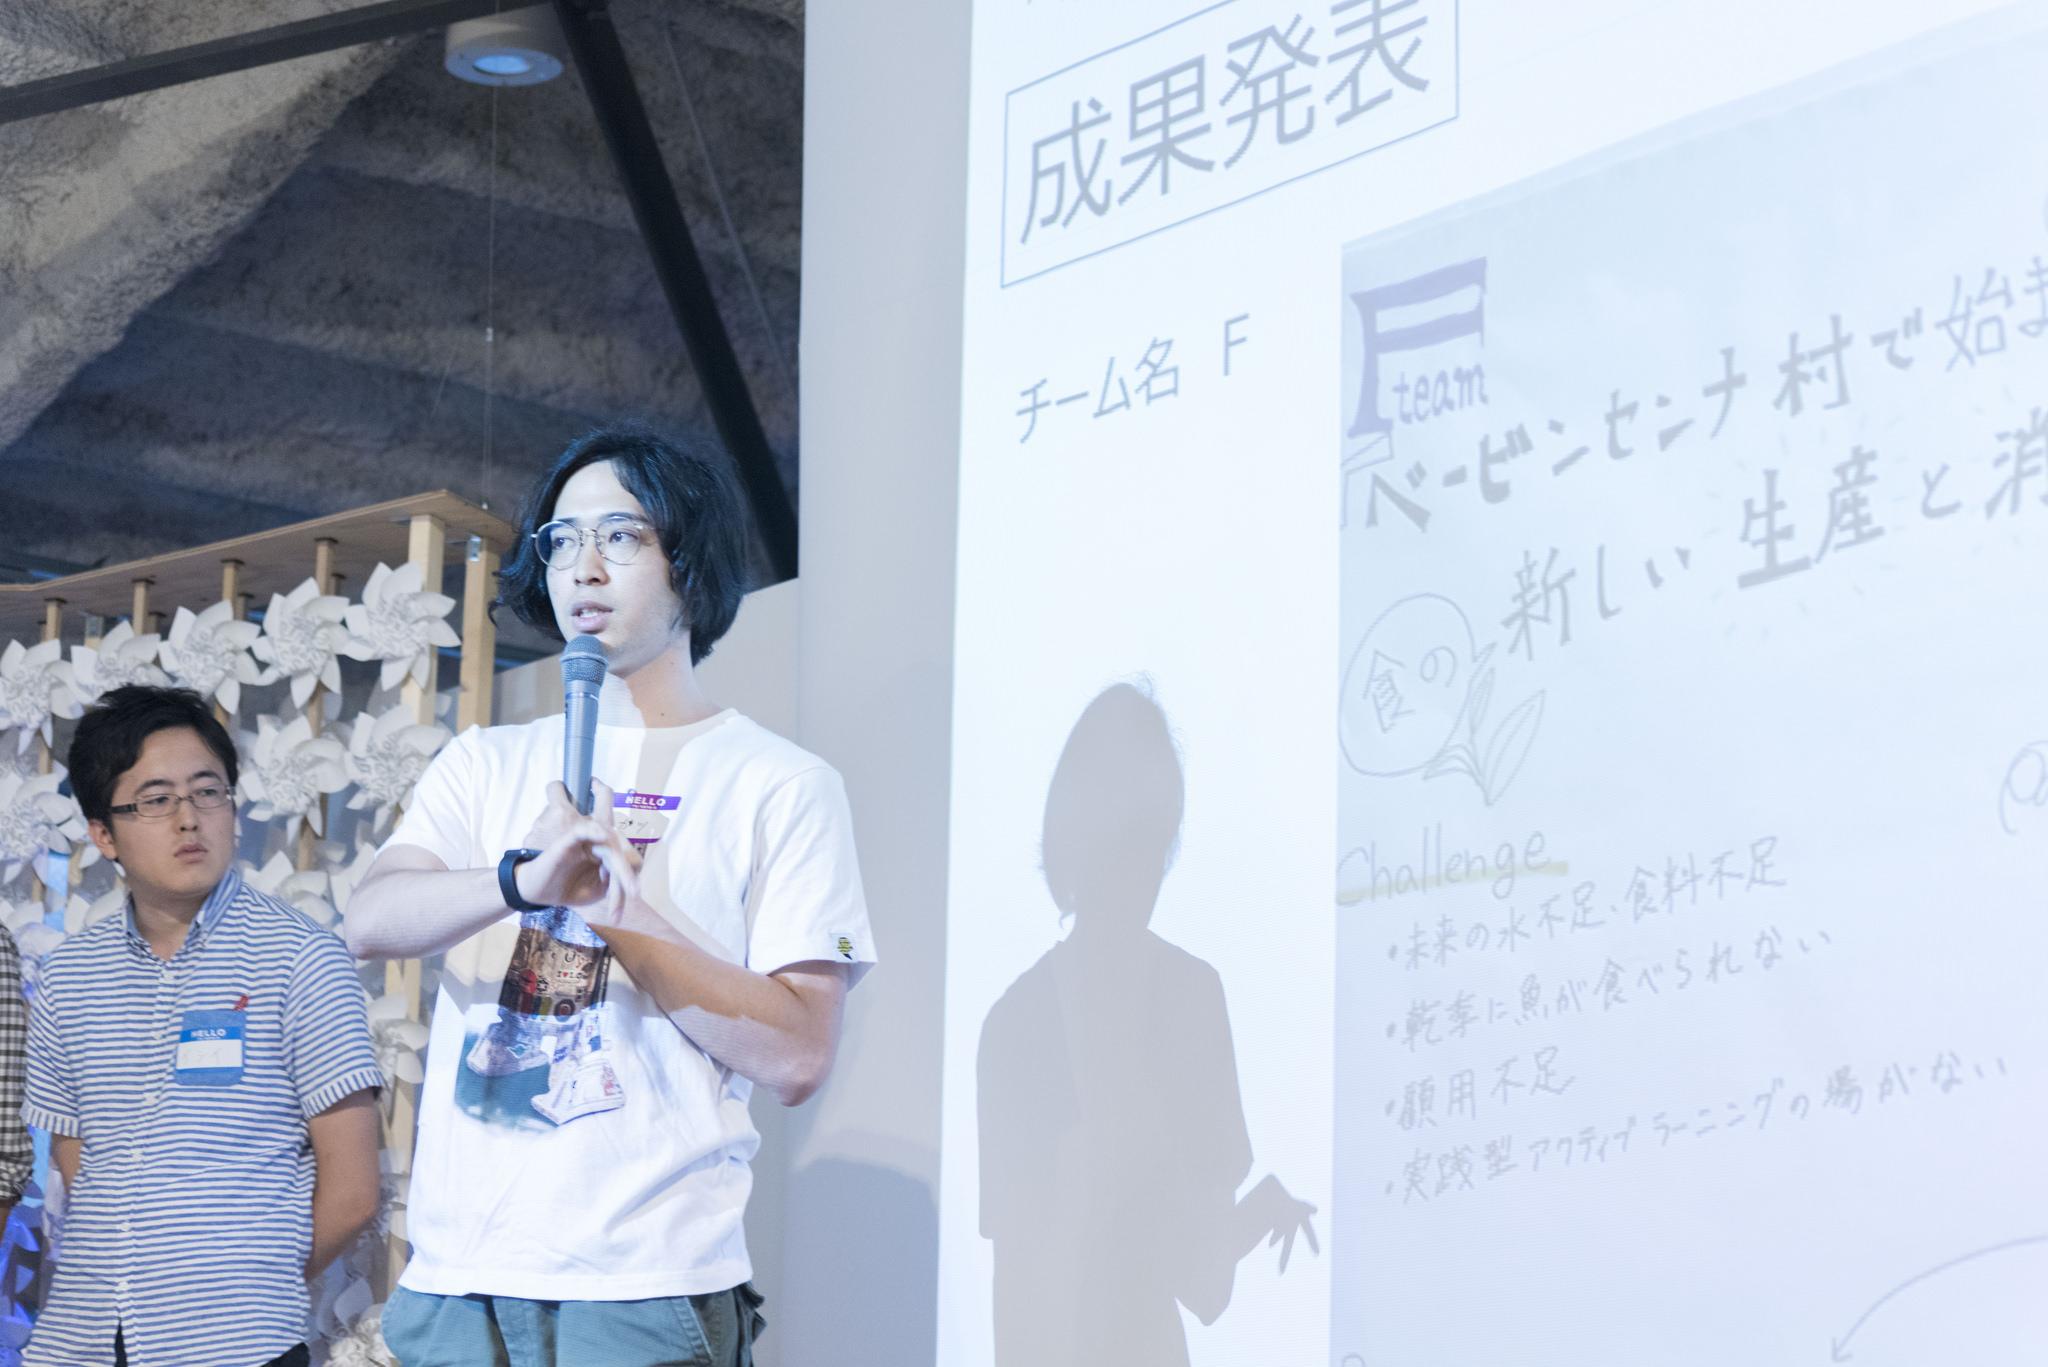 チームF大久保勝仁さんの発表